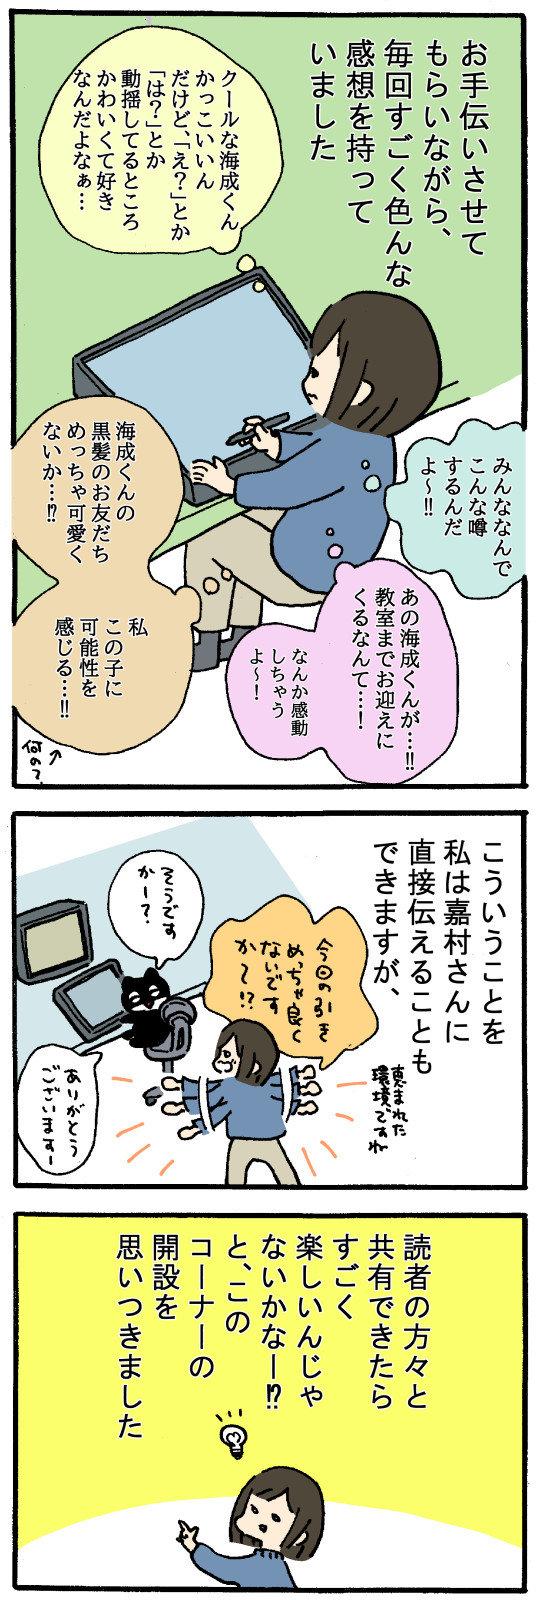 ごあいさつ漫画2.jpg